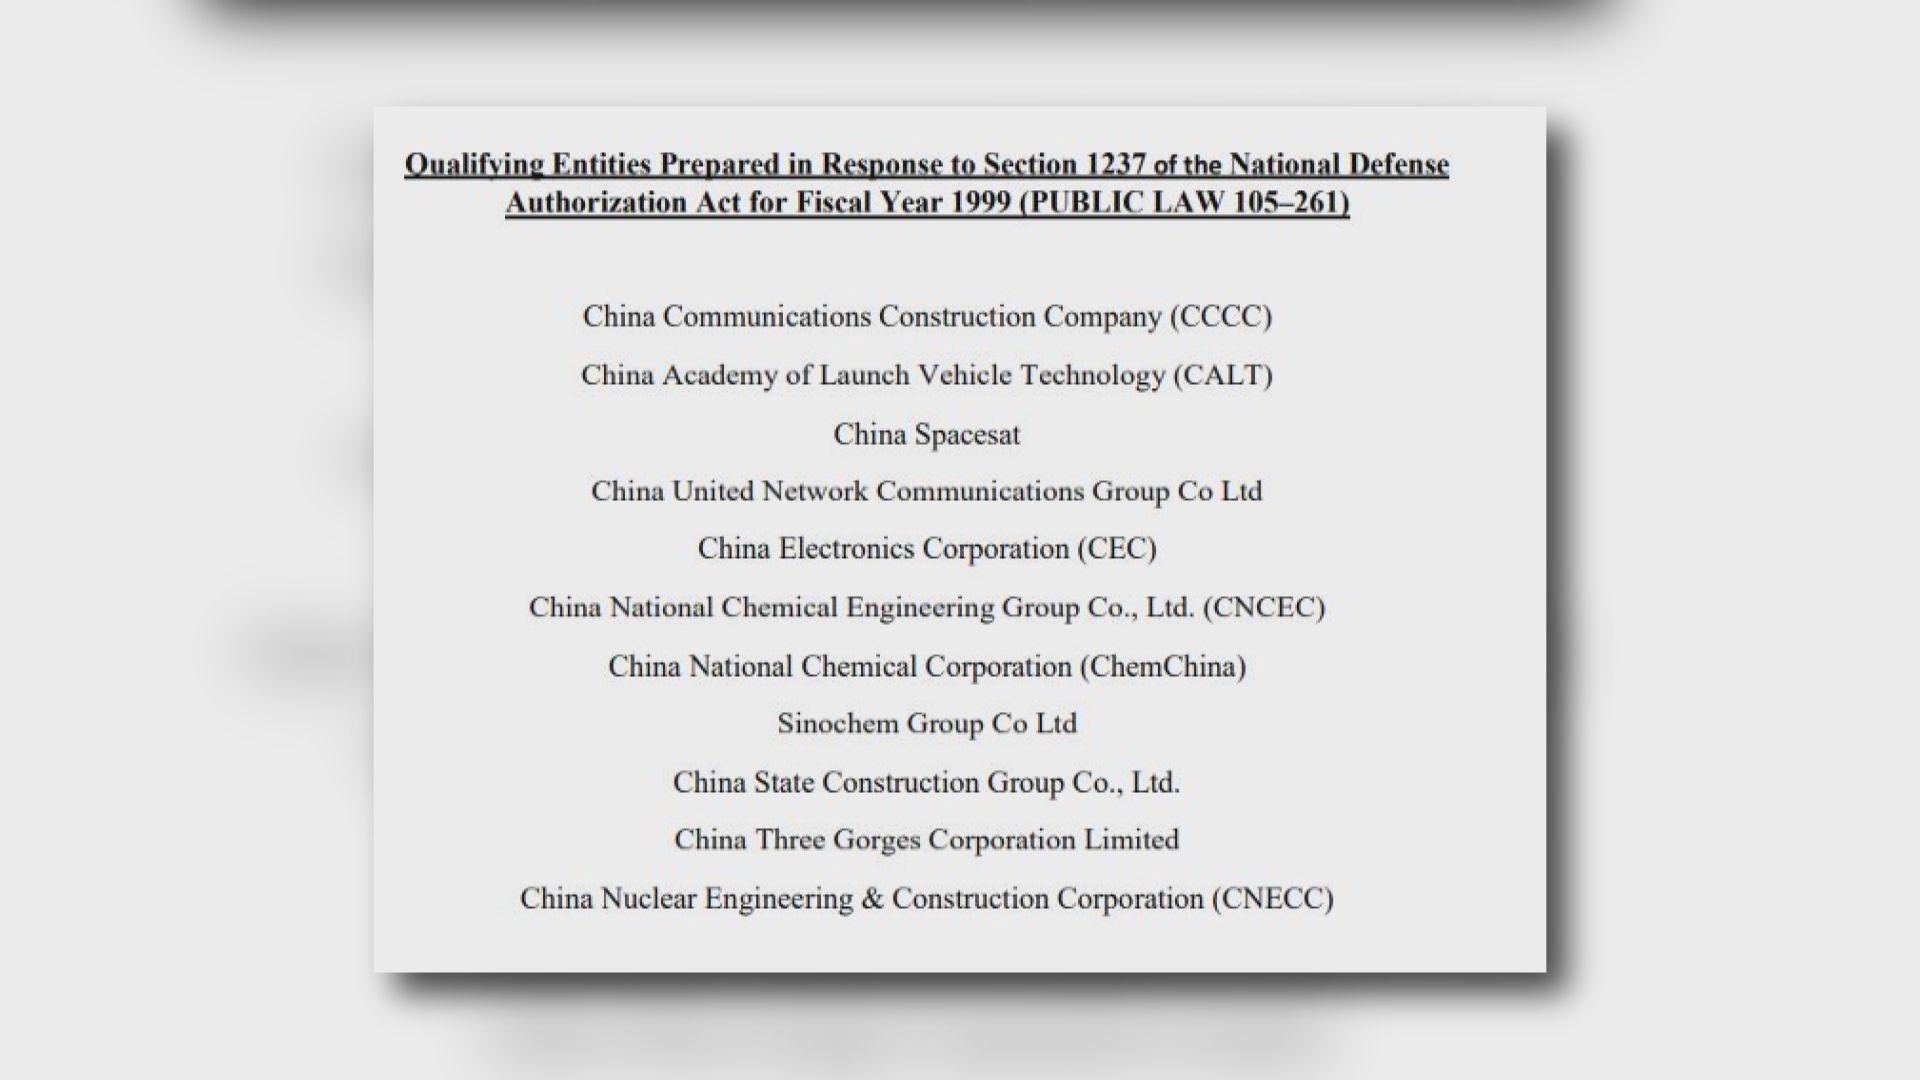 11間中國企業被美國列入軍方擁有或控制名單